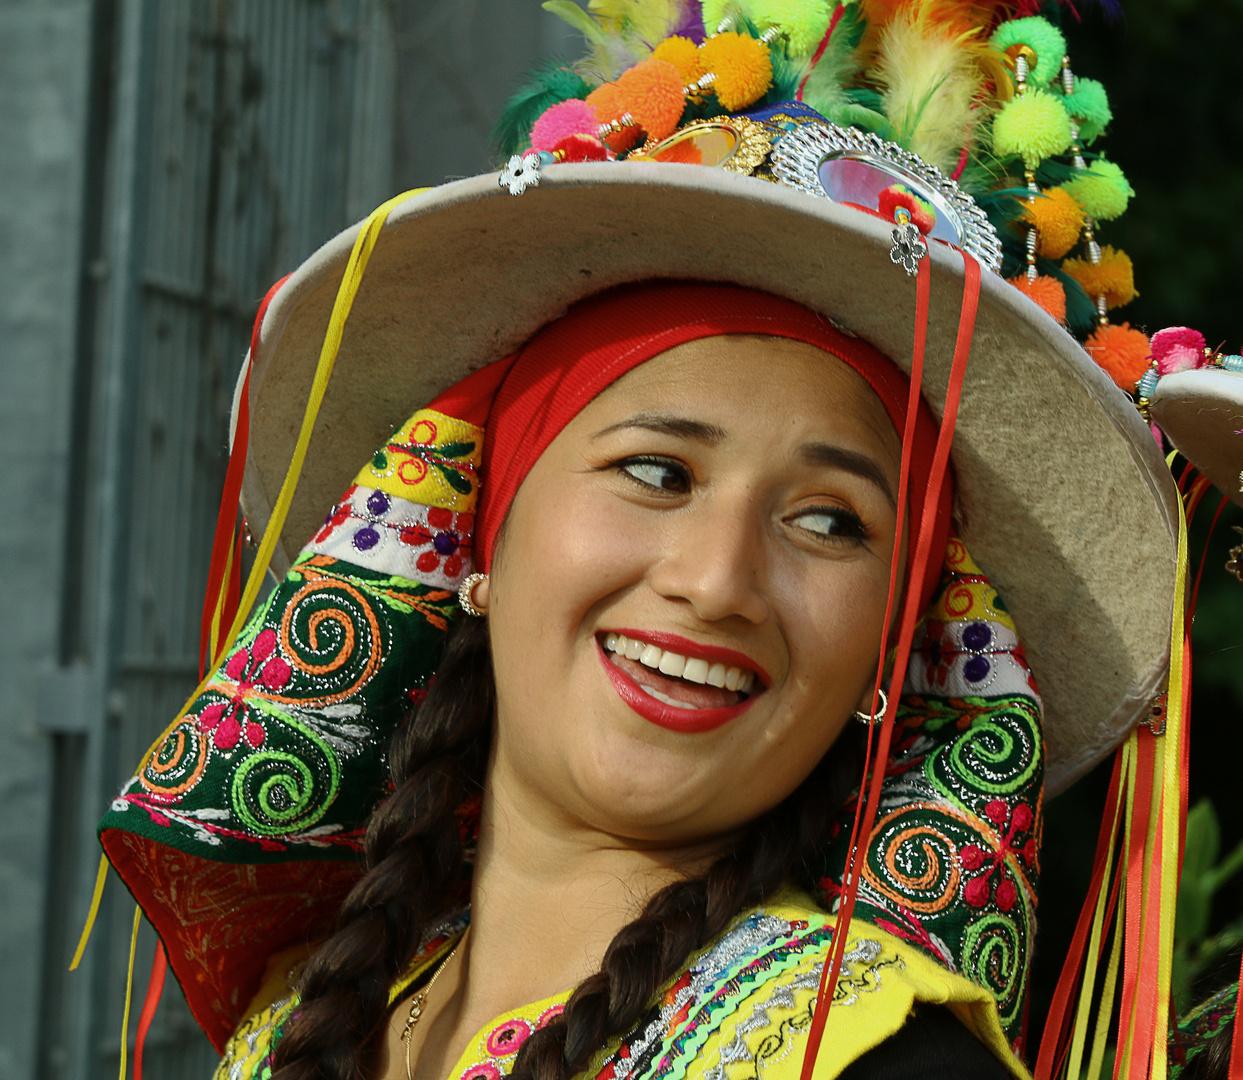 bolivian beauty